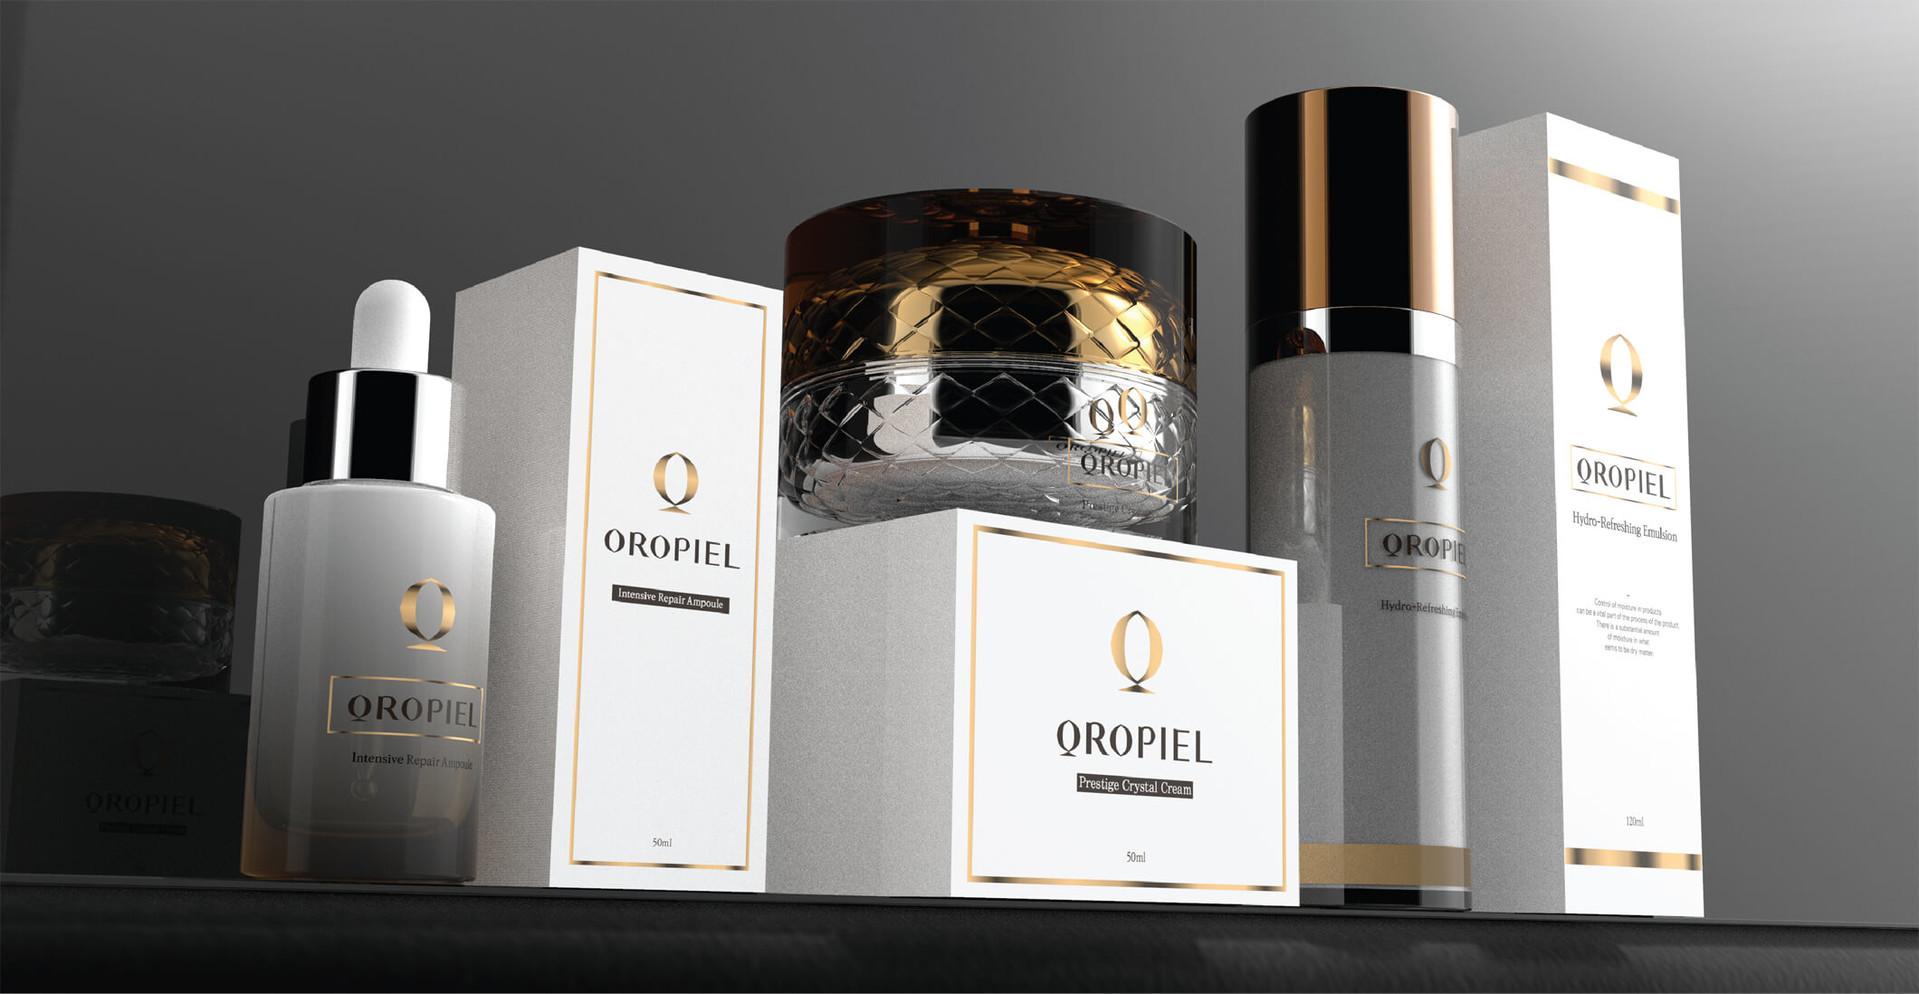 OROPIEL